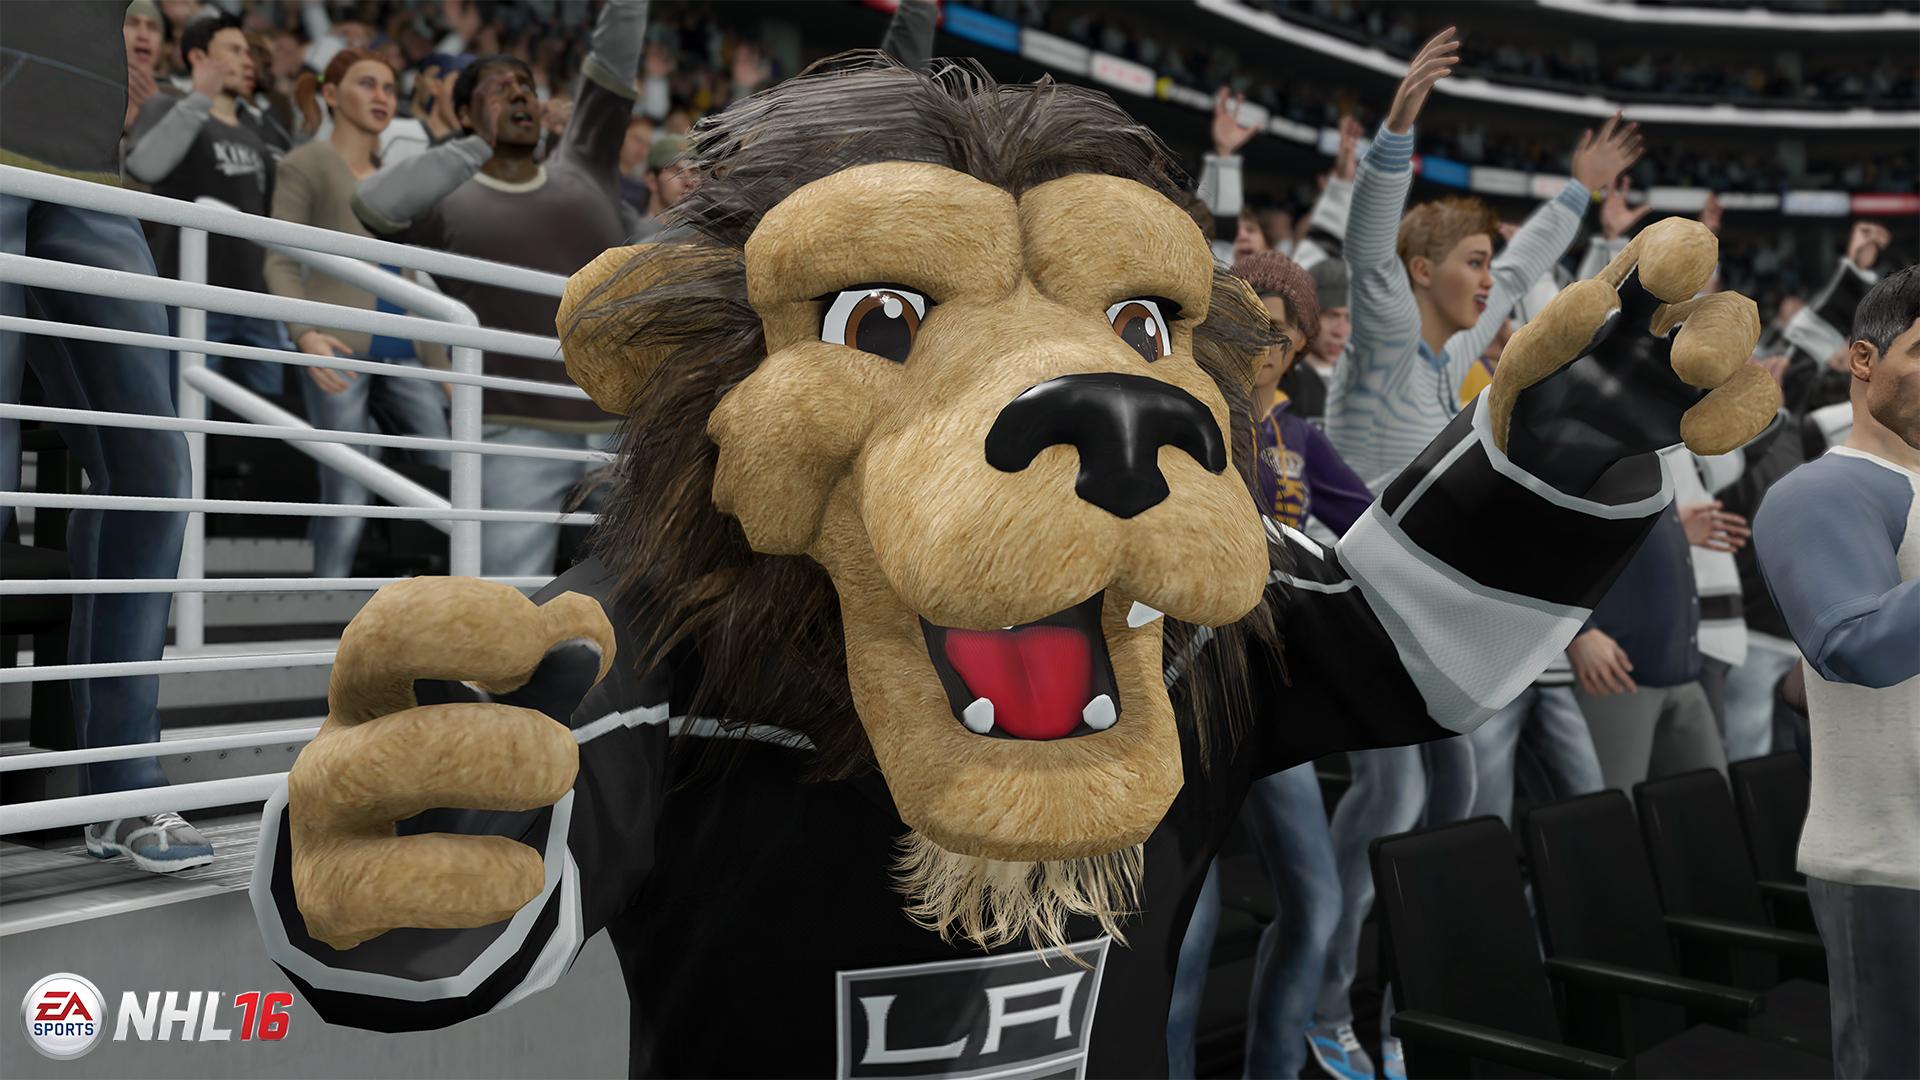 Majitelé NHL 15 si budou moci zahrát betu Hockey League 111907